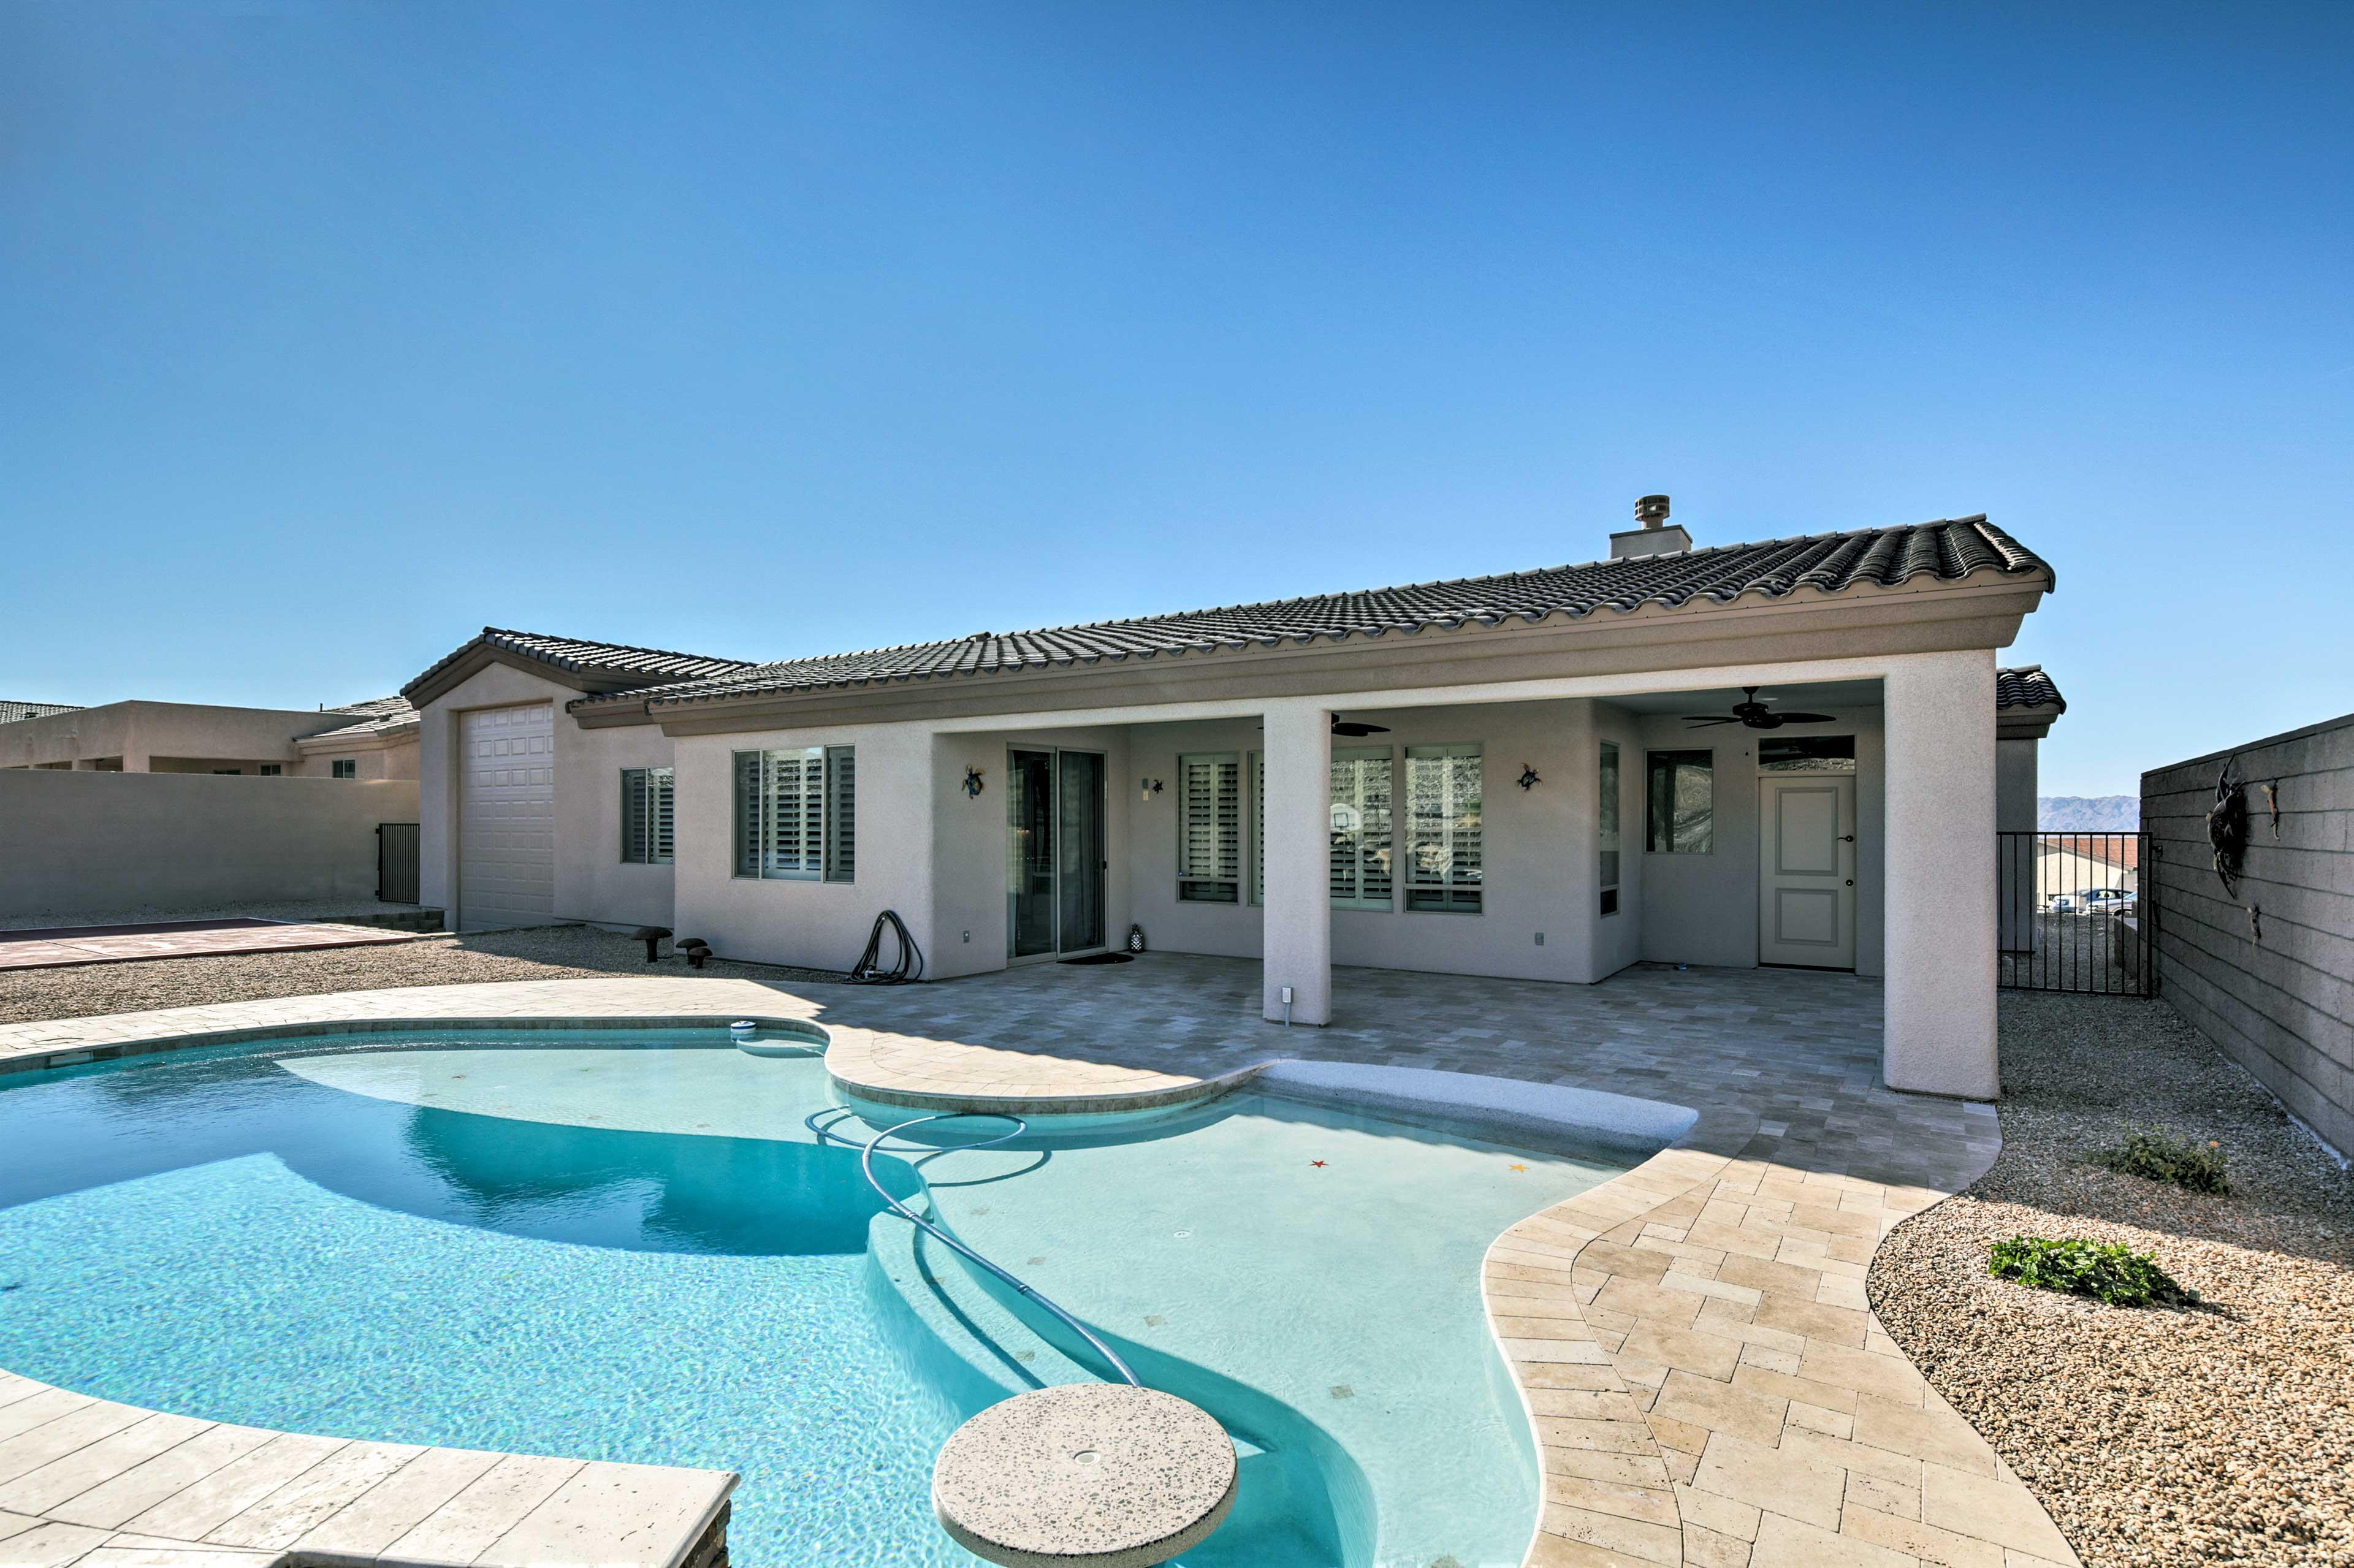 Sunny Arizona awaits at this vacation rental house in Lake Havasu City!